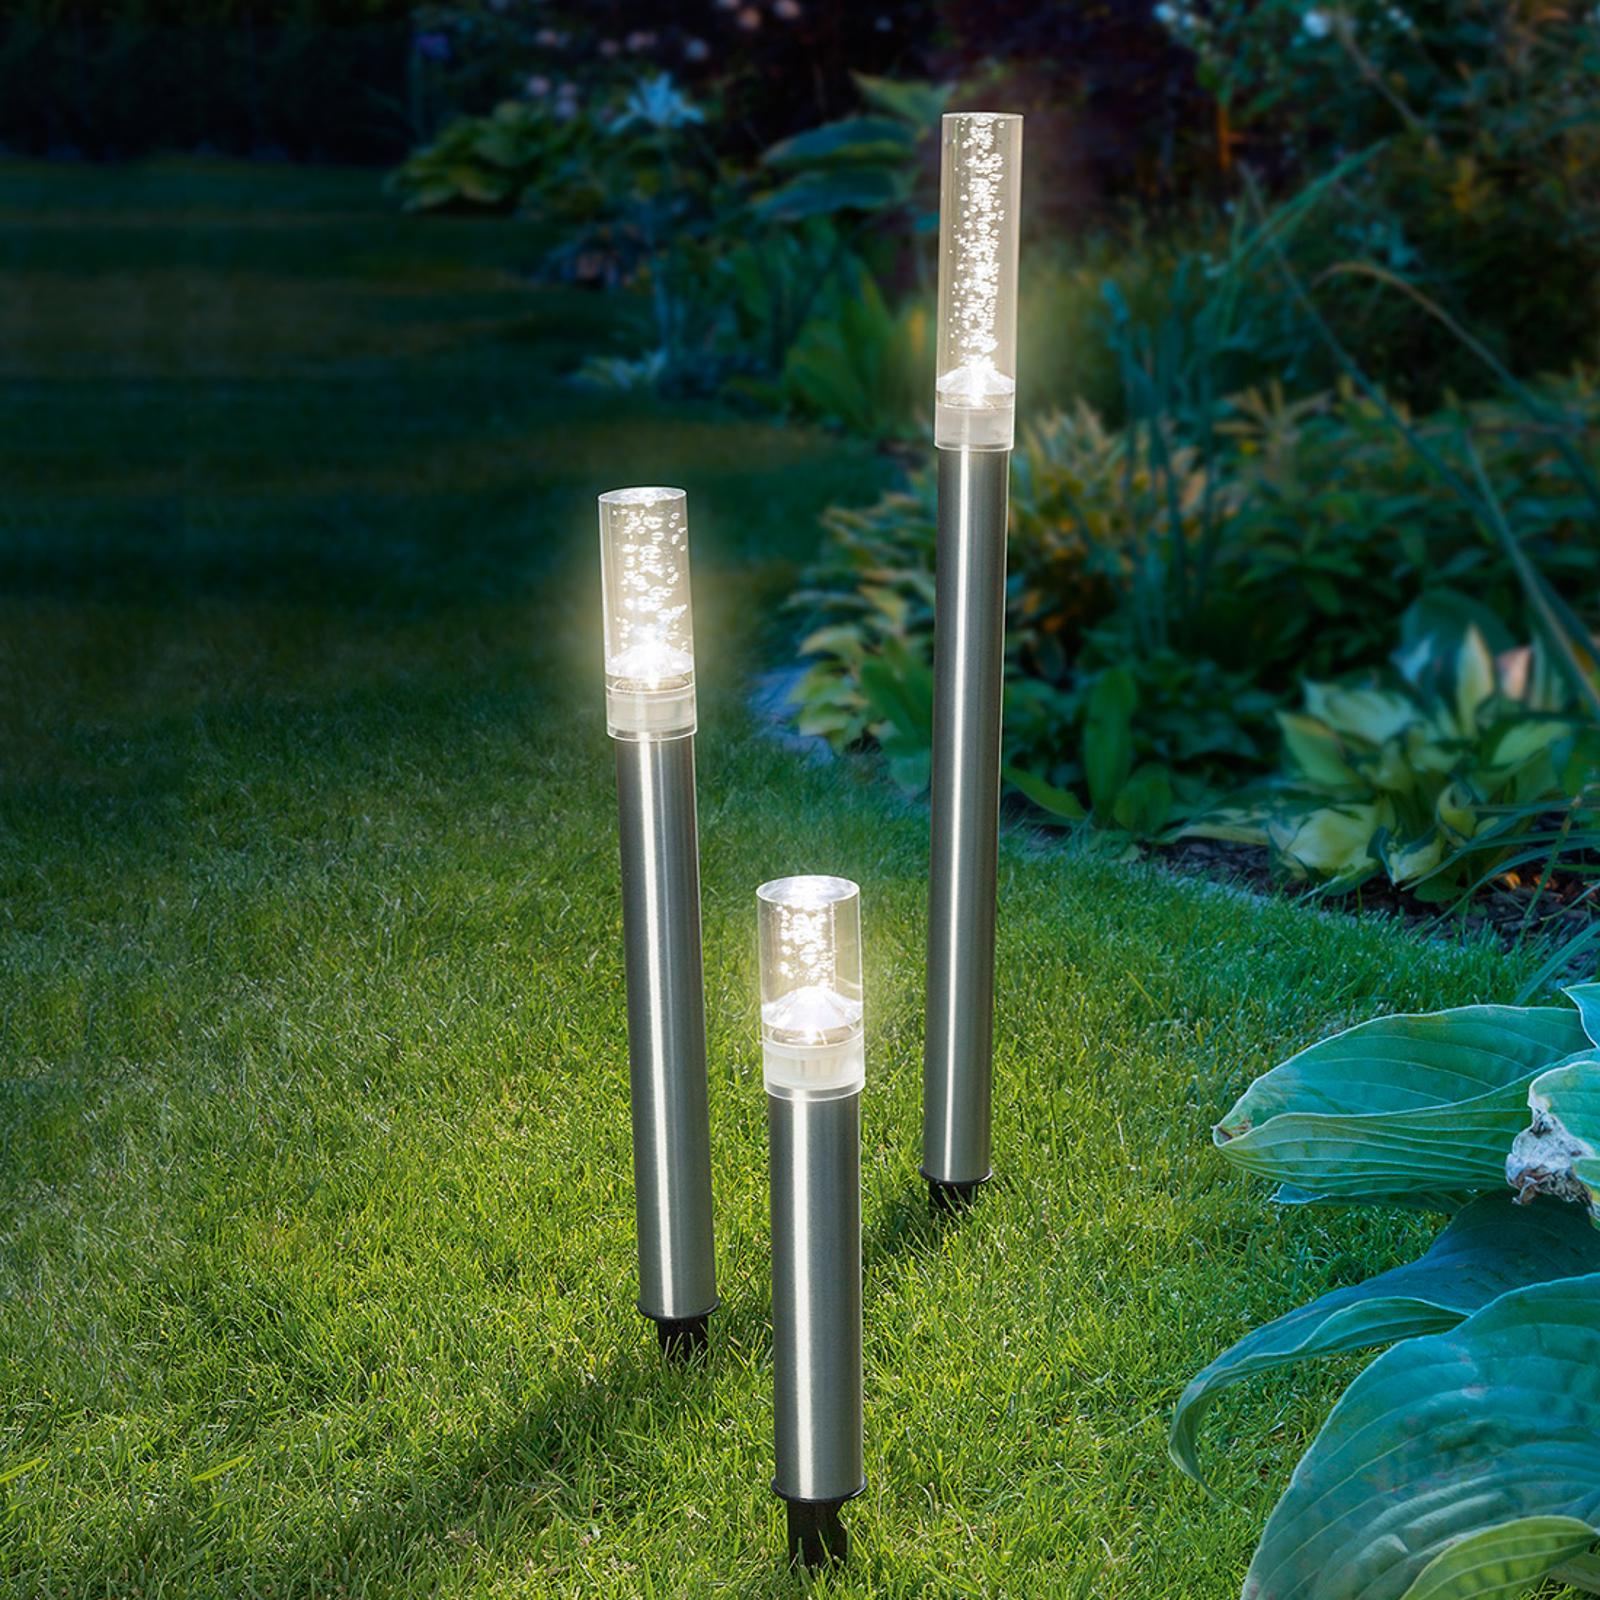 Sada 3 ks LED solární tyče Trio Sticks